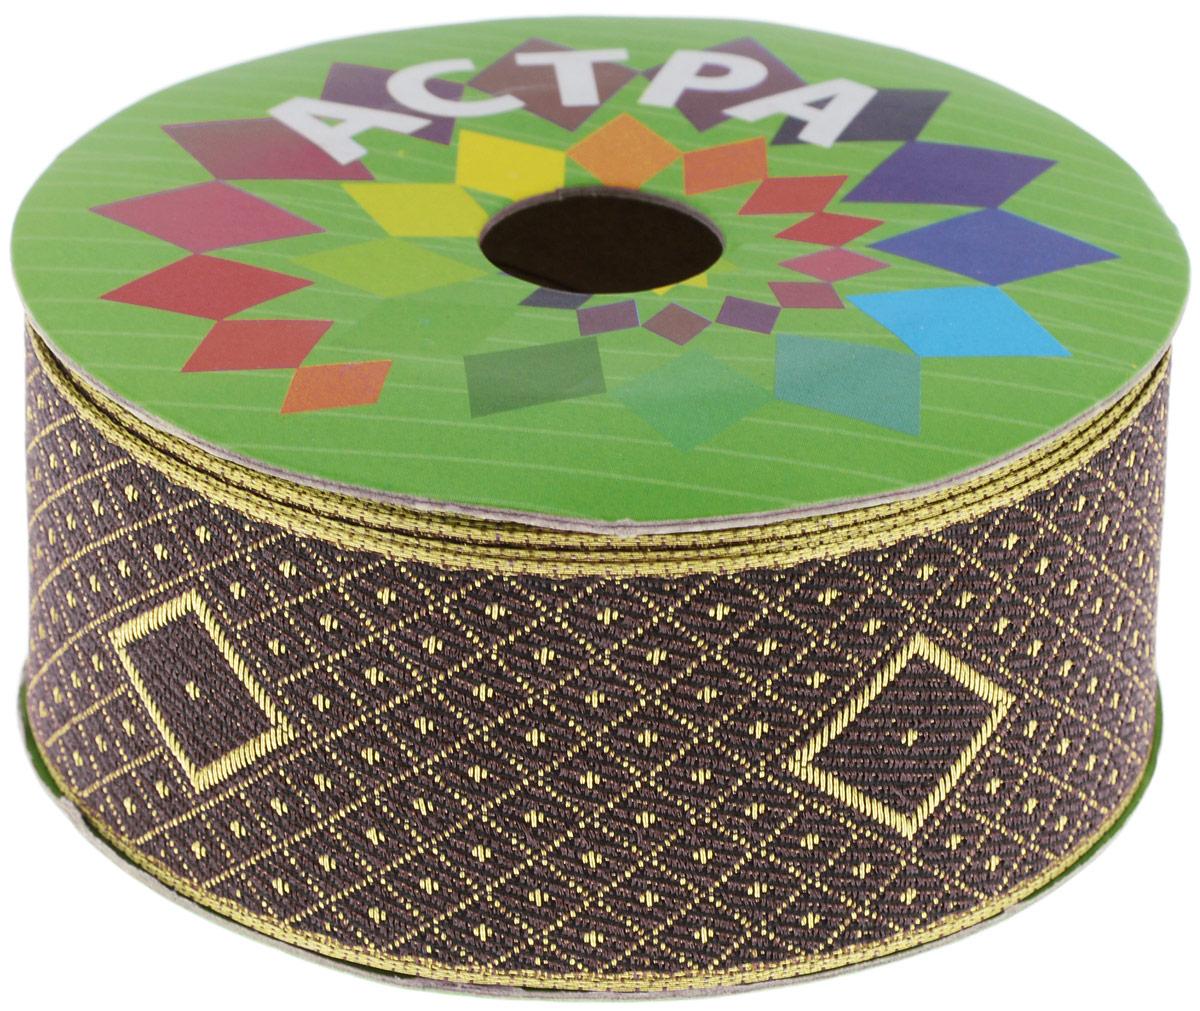 Тесьма декоративная Астра, цвет: фиолетовый (245), ширина 4 см, длина 9 м. 77034507703450_245Декоративная тесьма Астра выполнена из текстиля и оформлена оригинальным жаккардовым орнаментом. Такая тесьма идеально подойдет для оформления различных творческих работ таких, как скрапбукинг, аппликация, декор коробок и открыток и многое другое. Тесьма наивысшего качества и практична в использовании. Она станет незаменимым элементом в создании рукотворного шедевра. Ширина: 4 см. Длина: 9 м.